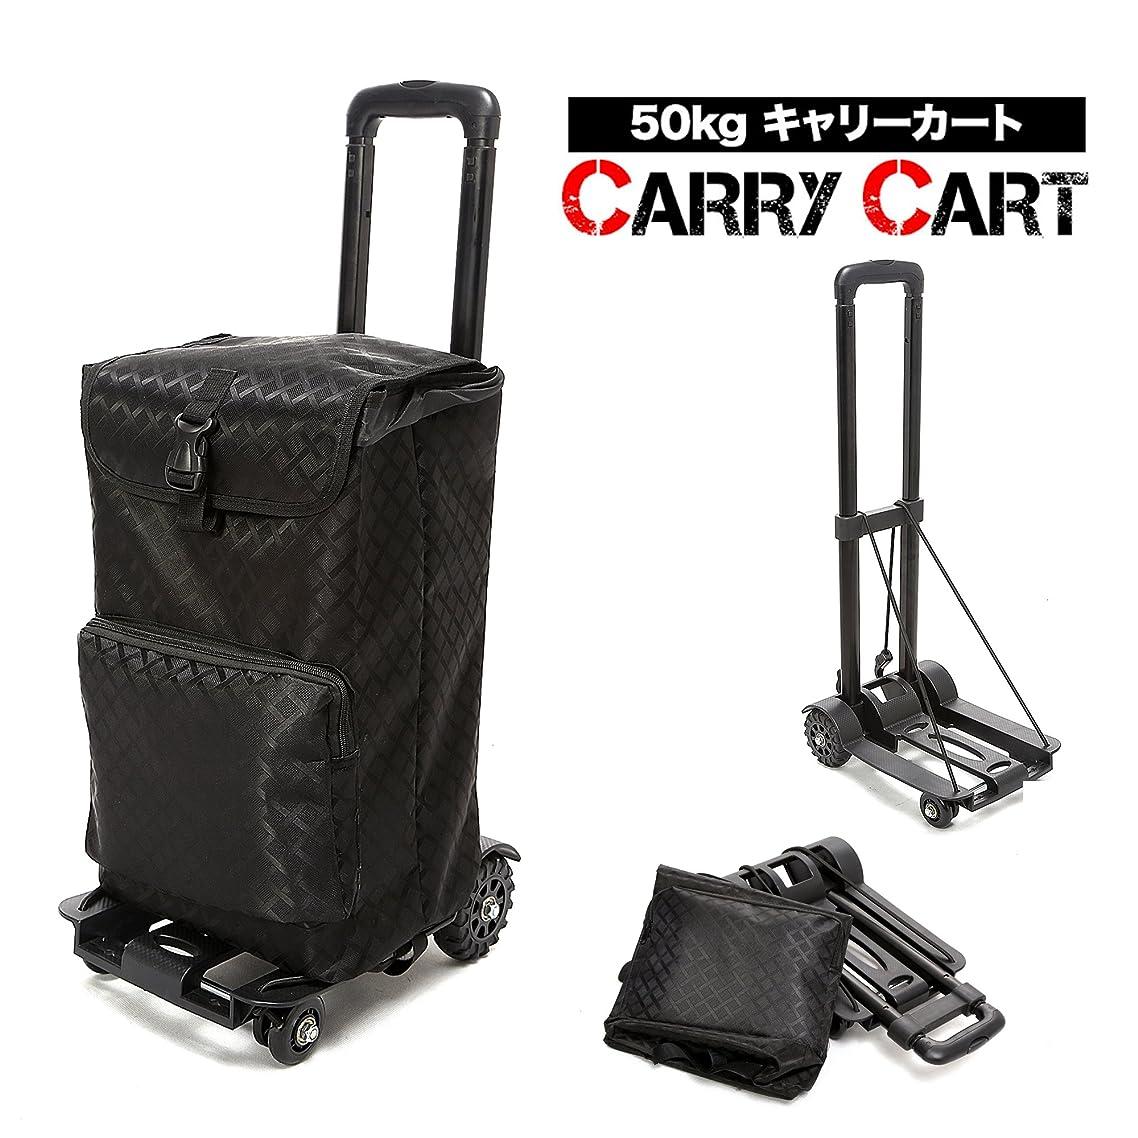 チョップ逆硬さコンパクトキャリーカート ショッピングカート 折りたたみ式 軽量 耐荷重50kg 旅行用品 アウトドア 運搬 カート